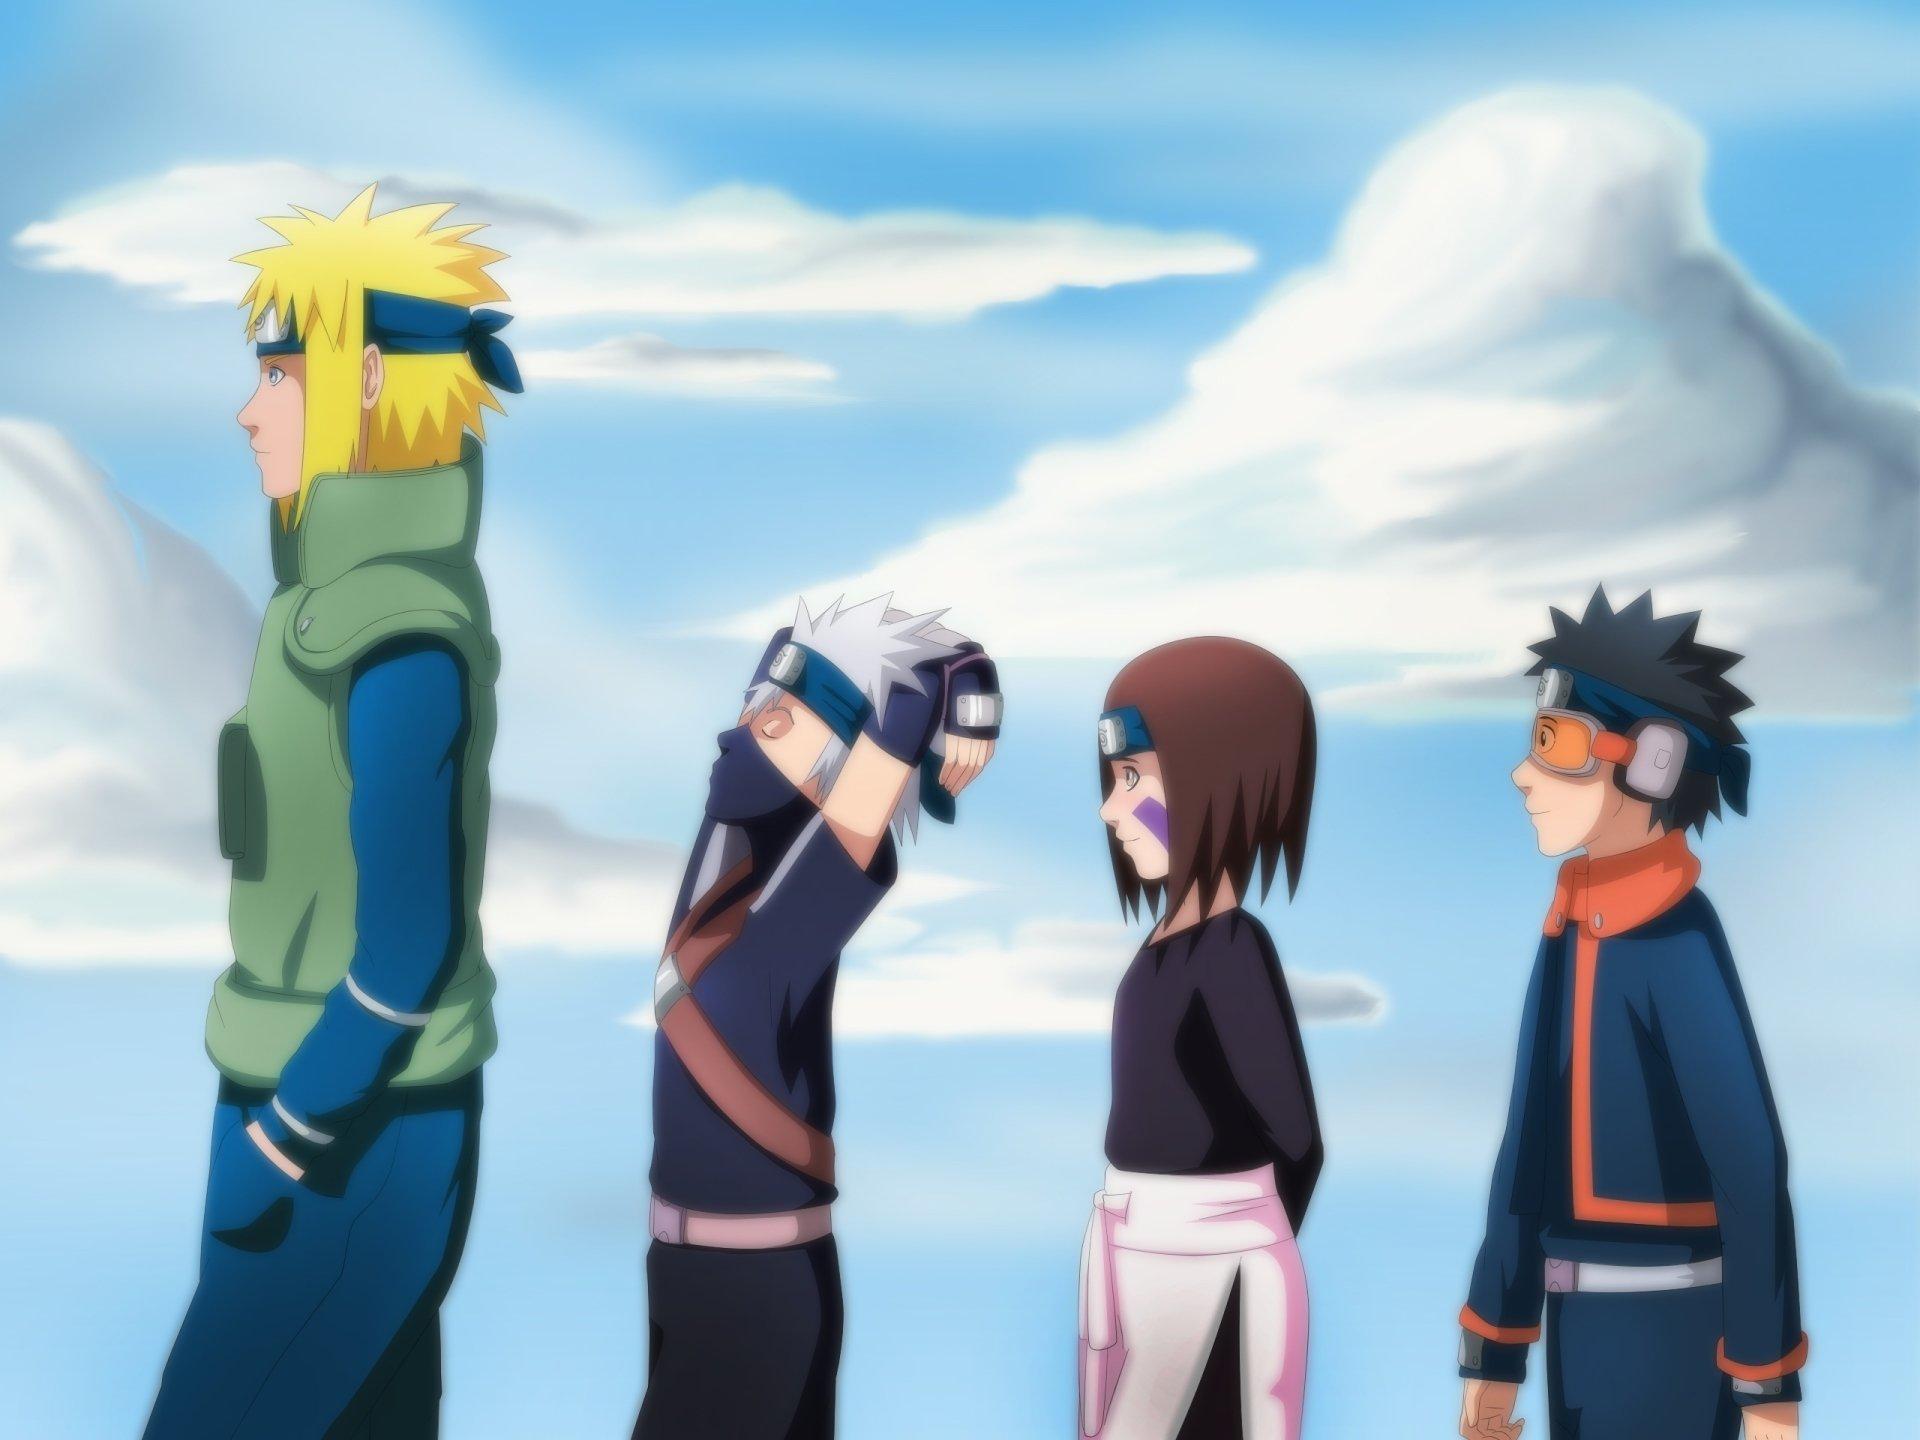 Anime - Naruto  Hokage (Naruto) Kakashi Hatake Obito Uchiha Wallpaper